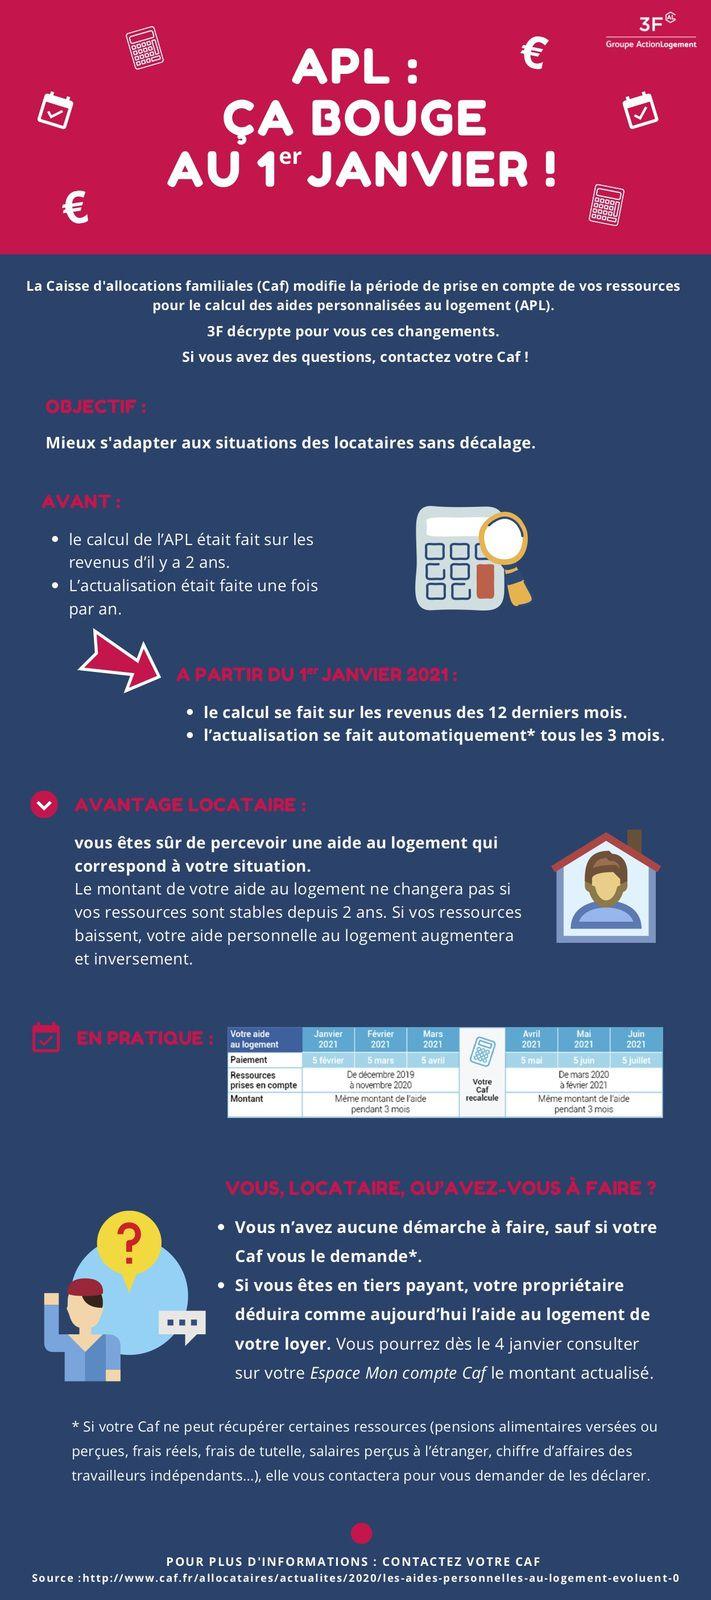 La Caisse d'allocations familiales (Caf) modifie la période de prise en compte de vos ressources pour le calcul des aides personnalisées au logement (APL).